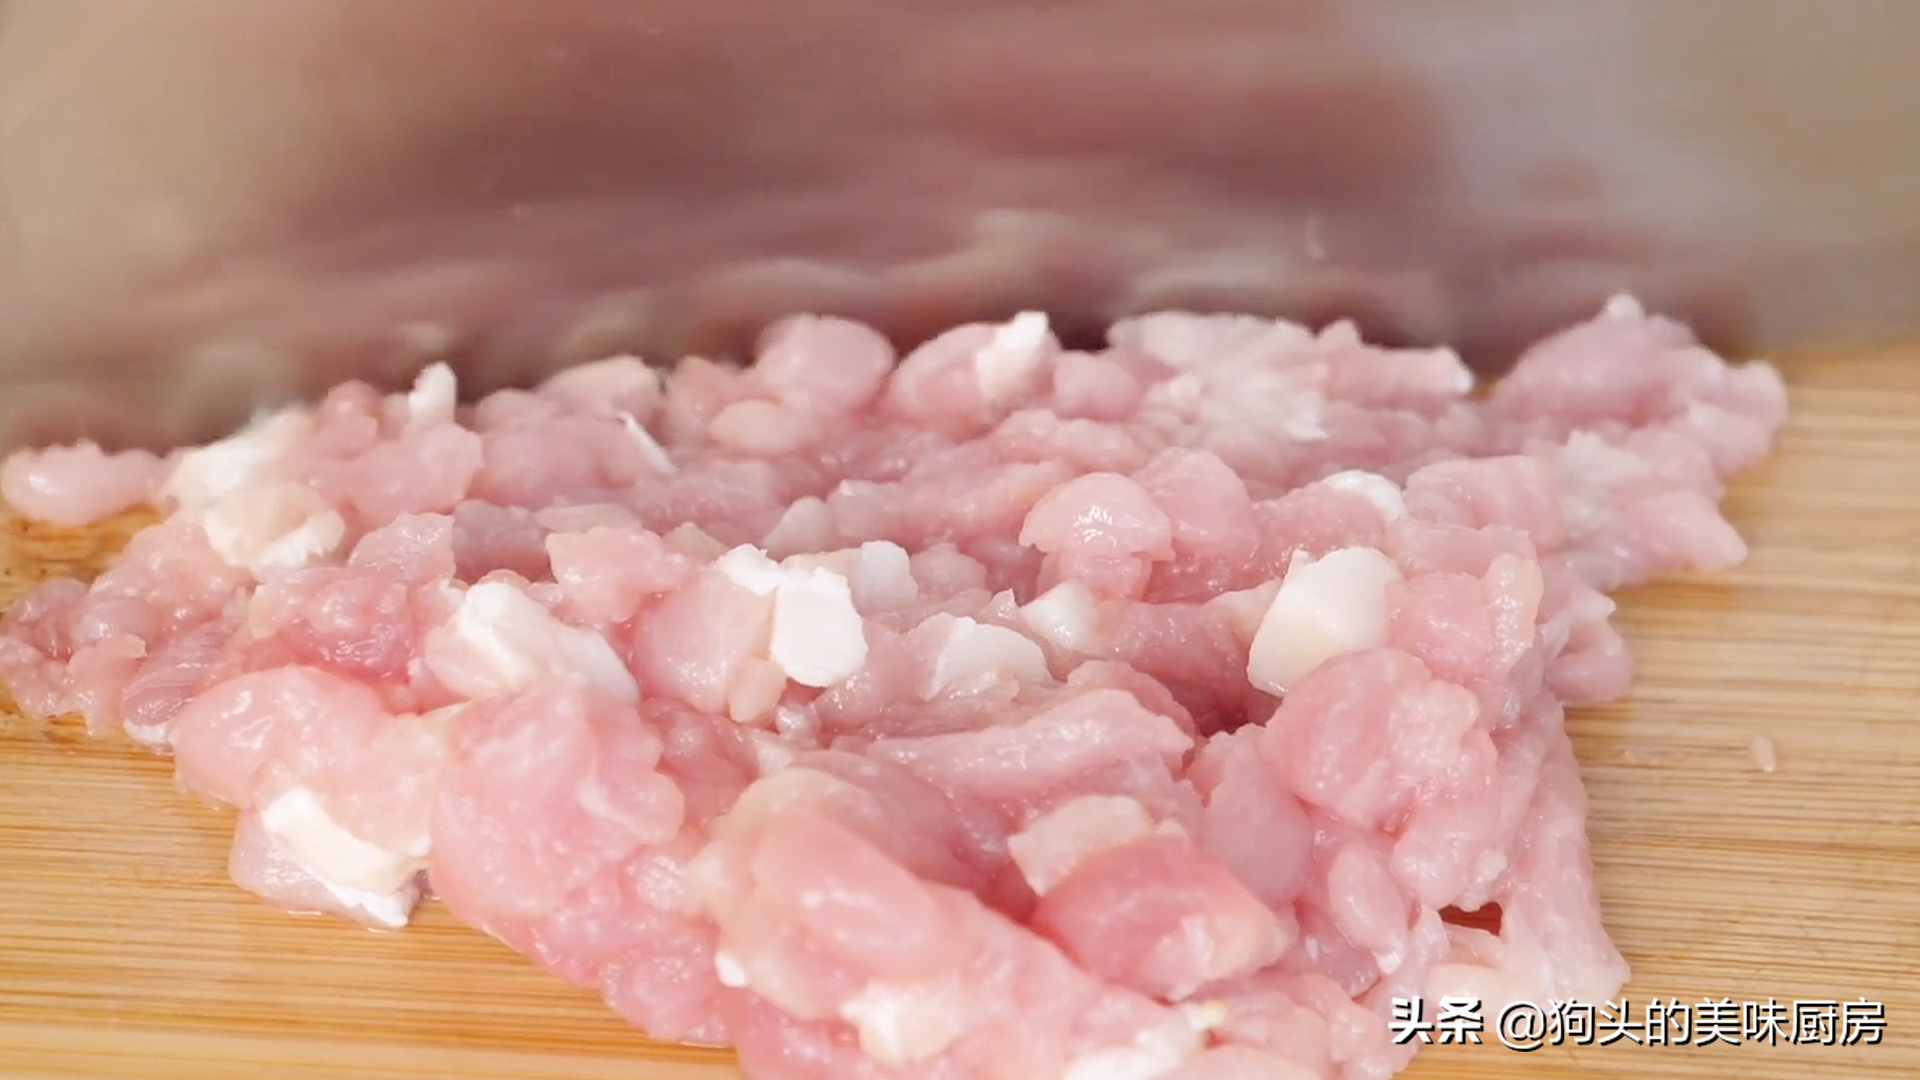 豆腐切成丁,不炒不煎不油炸,连吃一个月也不腻,营养丰富又美味 美食做法 第12张